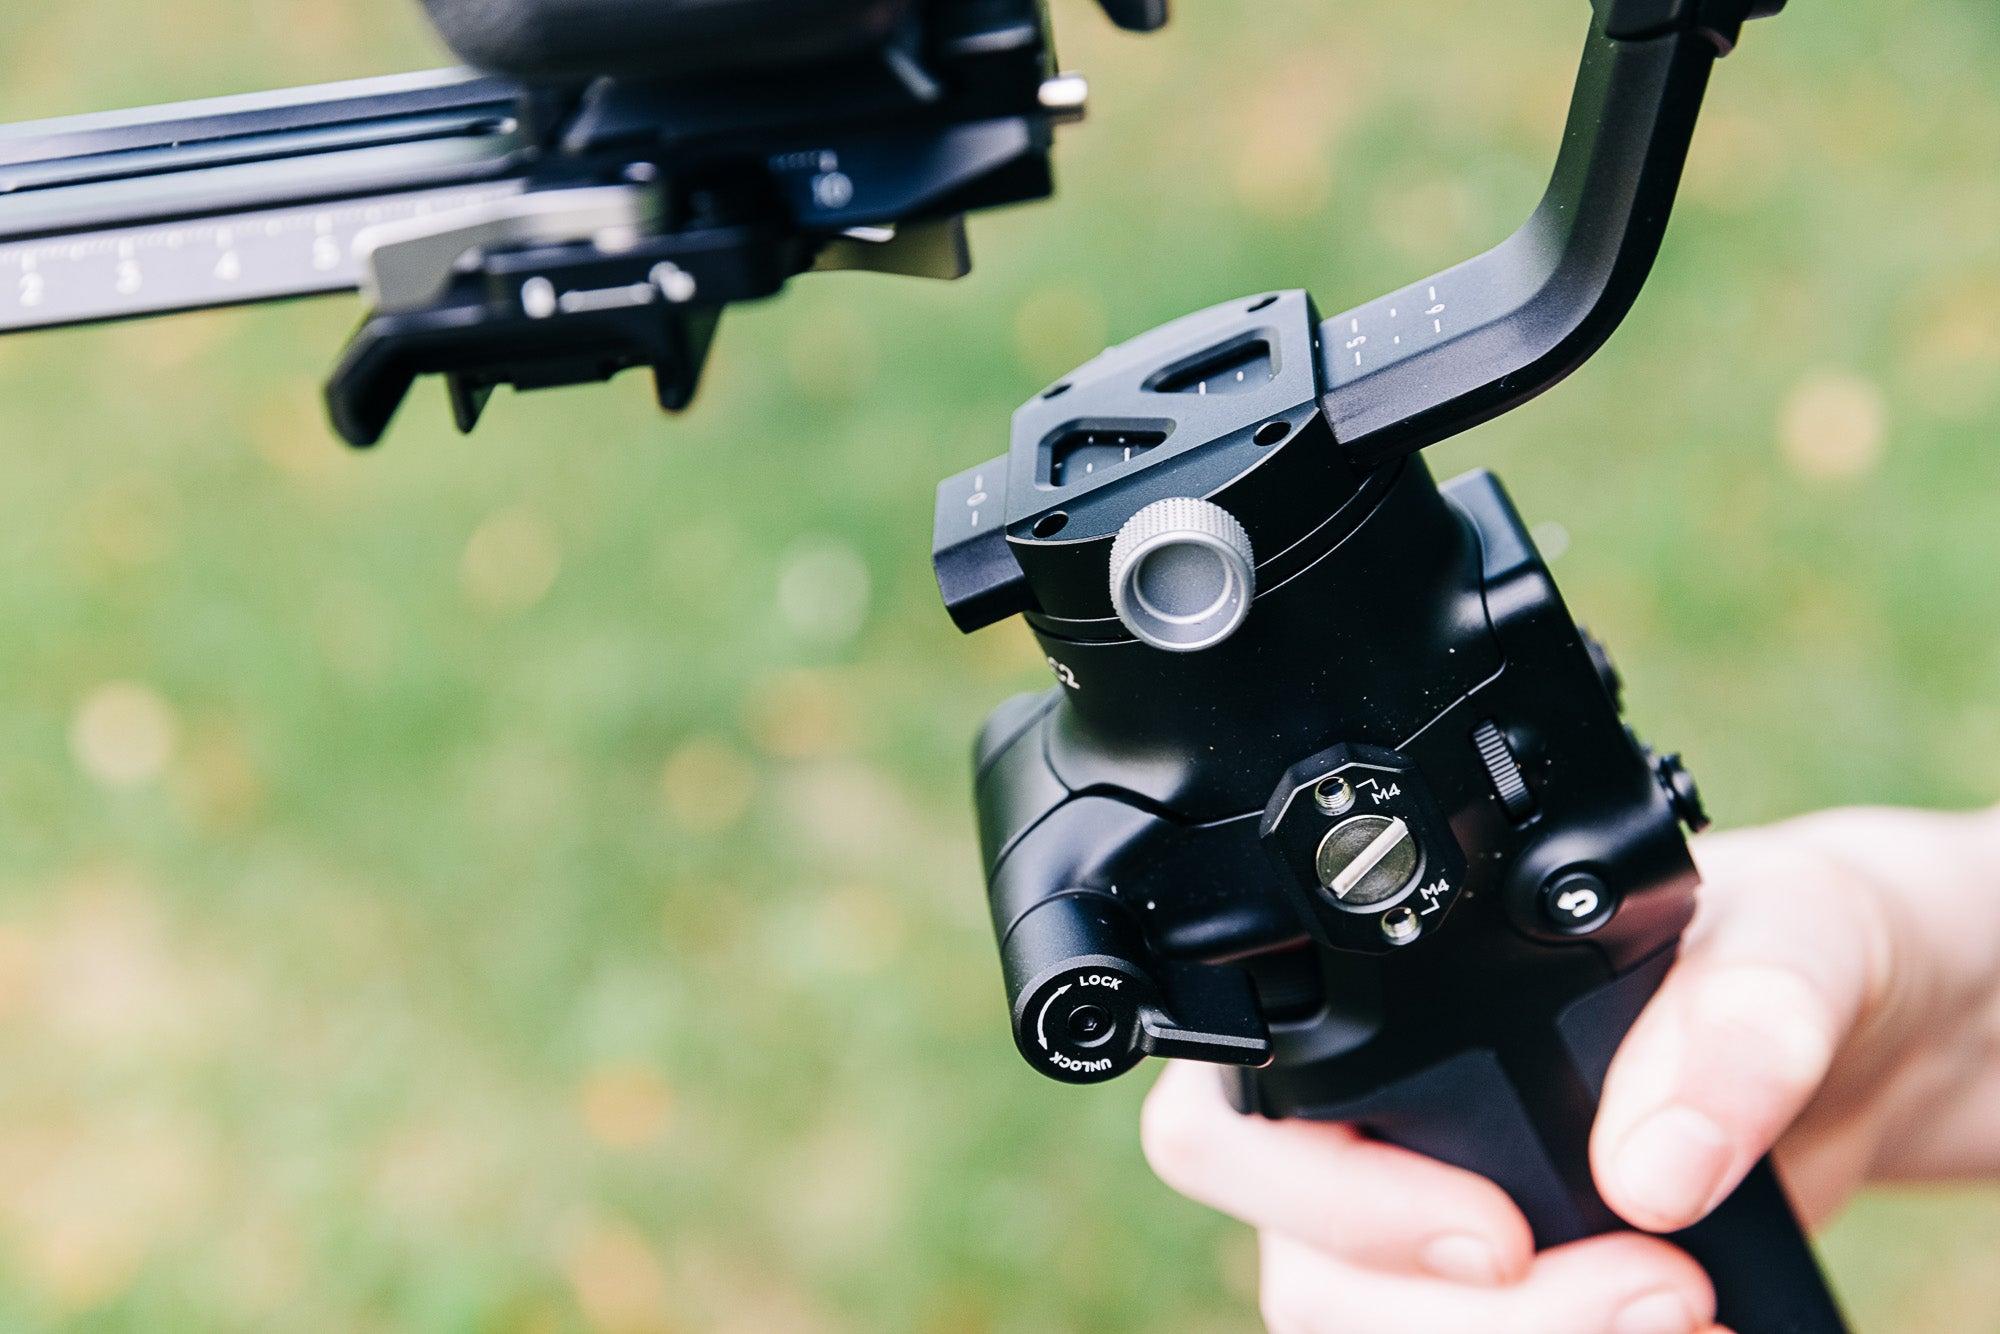 DJI RSC 2 gimbal thumb screws